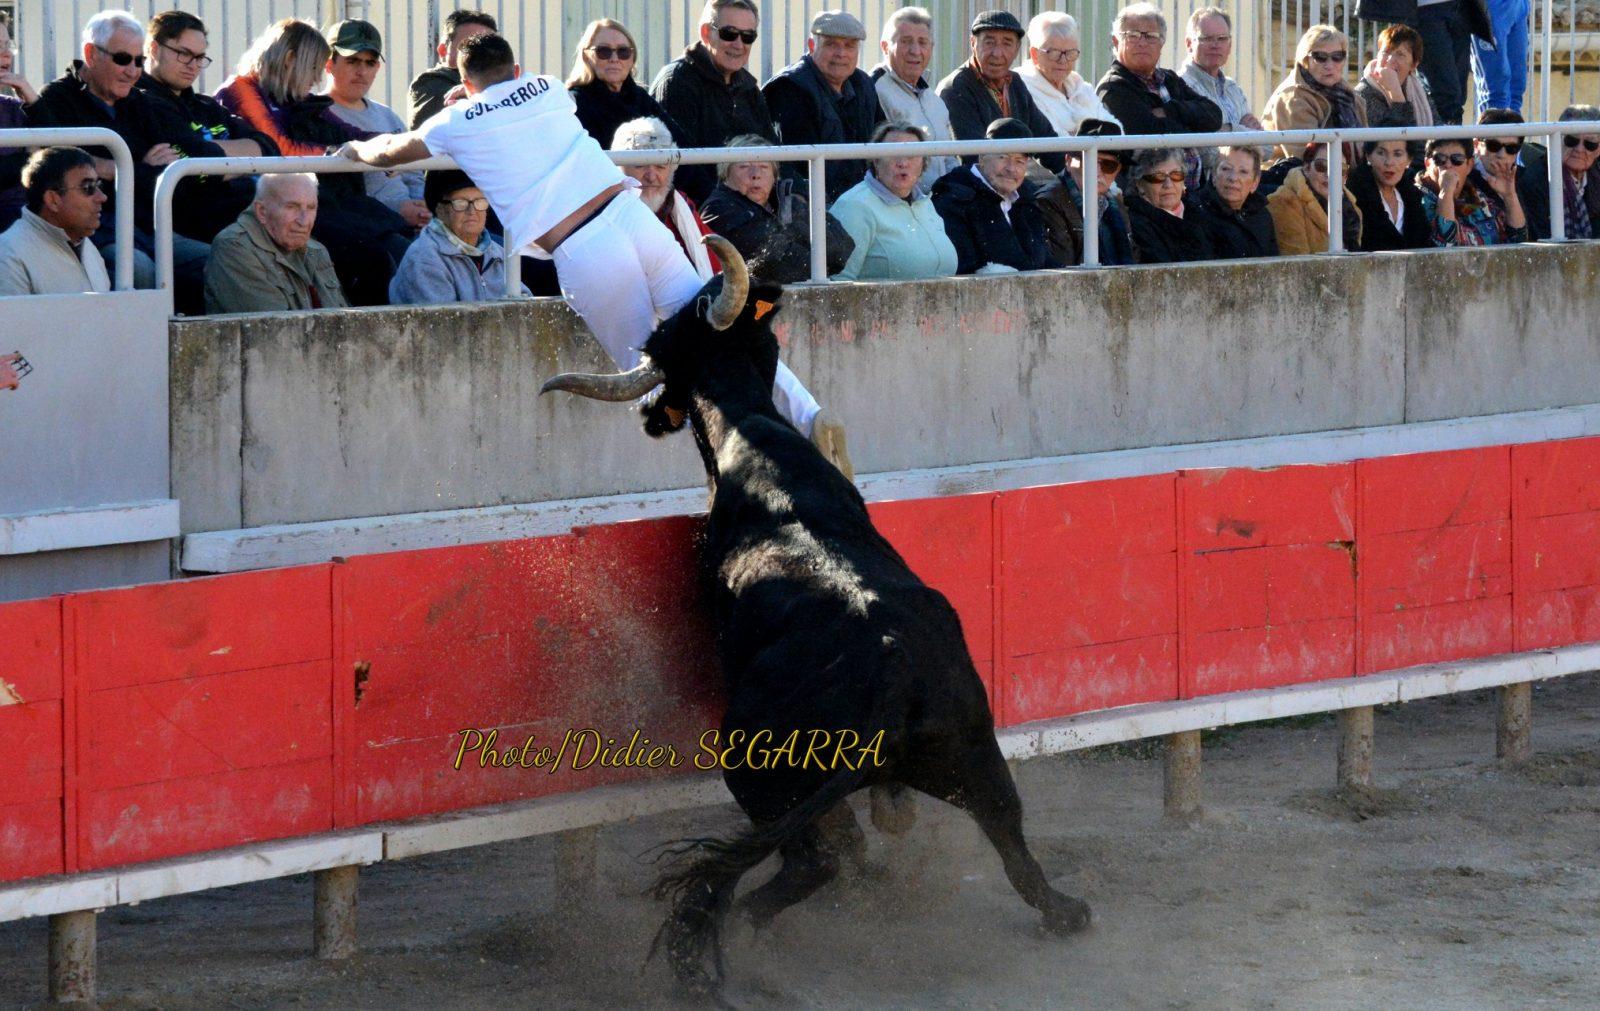 GALLARGUES LE MONTUEUX (11/11/2019) – Le résumé vidéo de la course AVENIR – Espoirs de la manade Fanfonne Guillierme